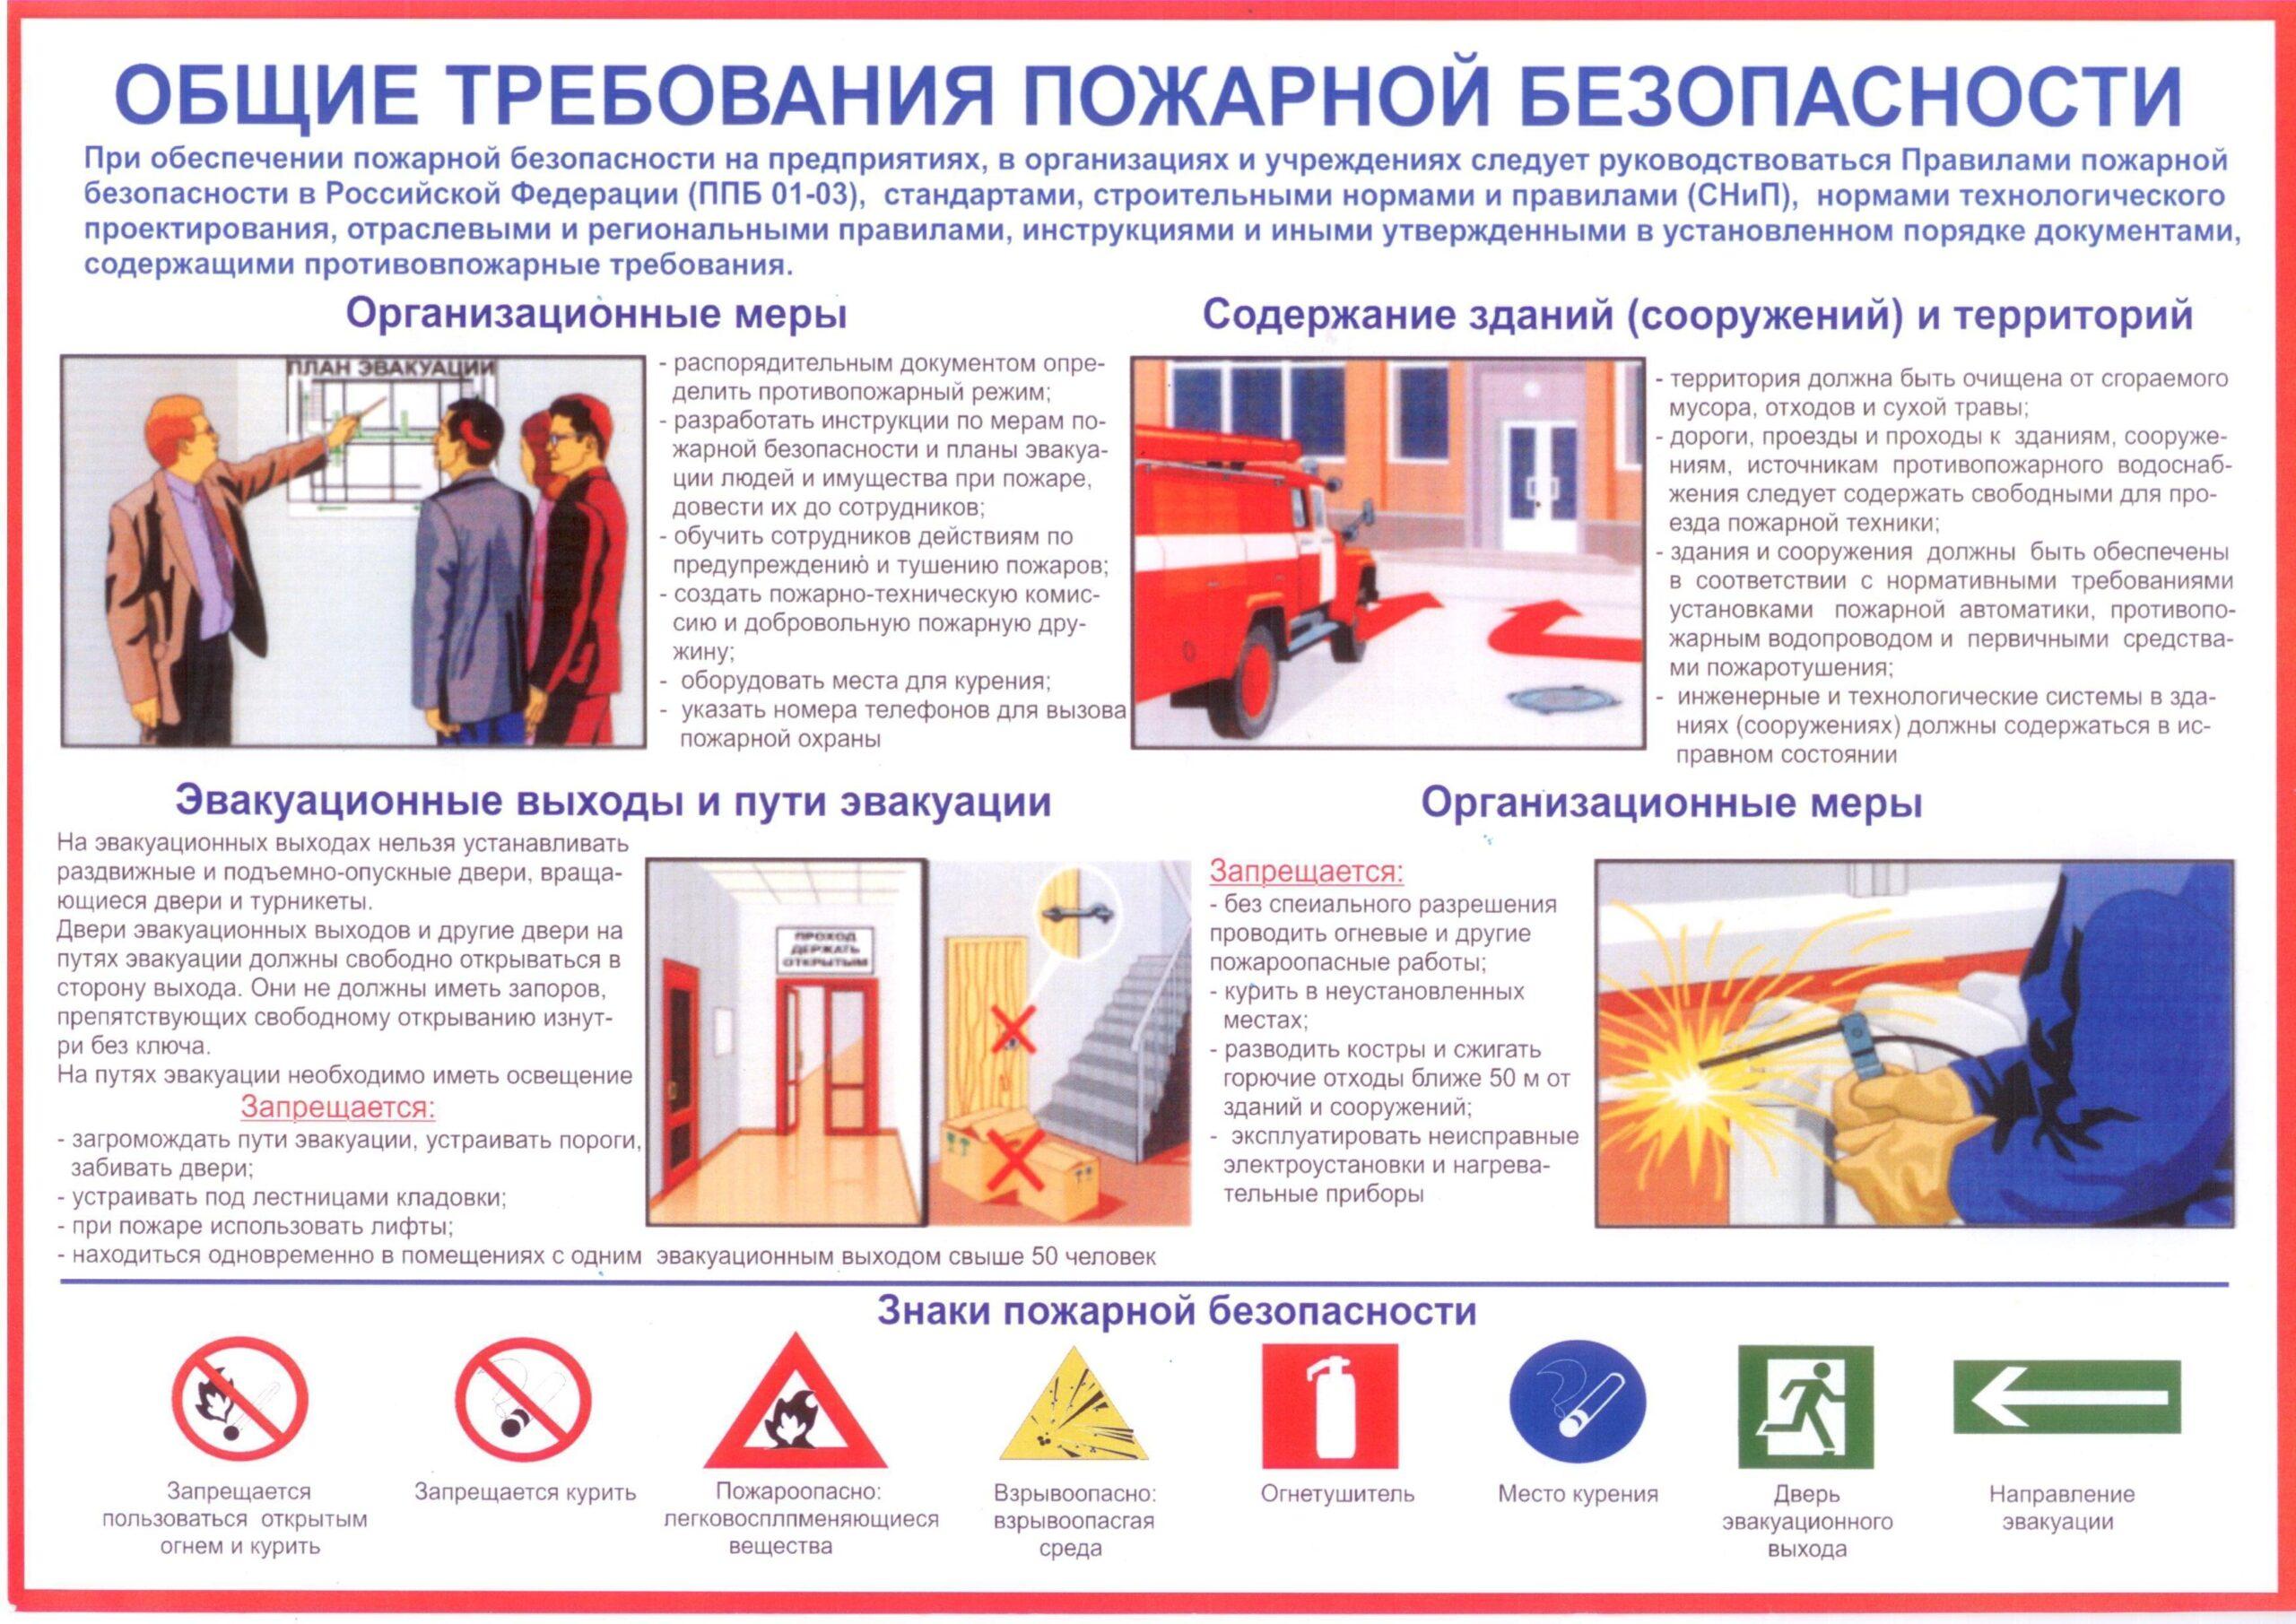 Правила противопожарного режима распространяются на все виды объектов. Но точные нормы нужно определять индивидуально под каждый объект.